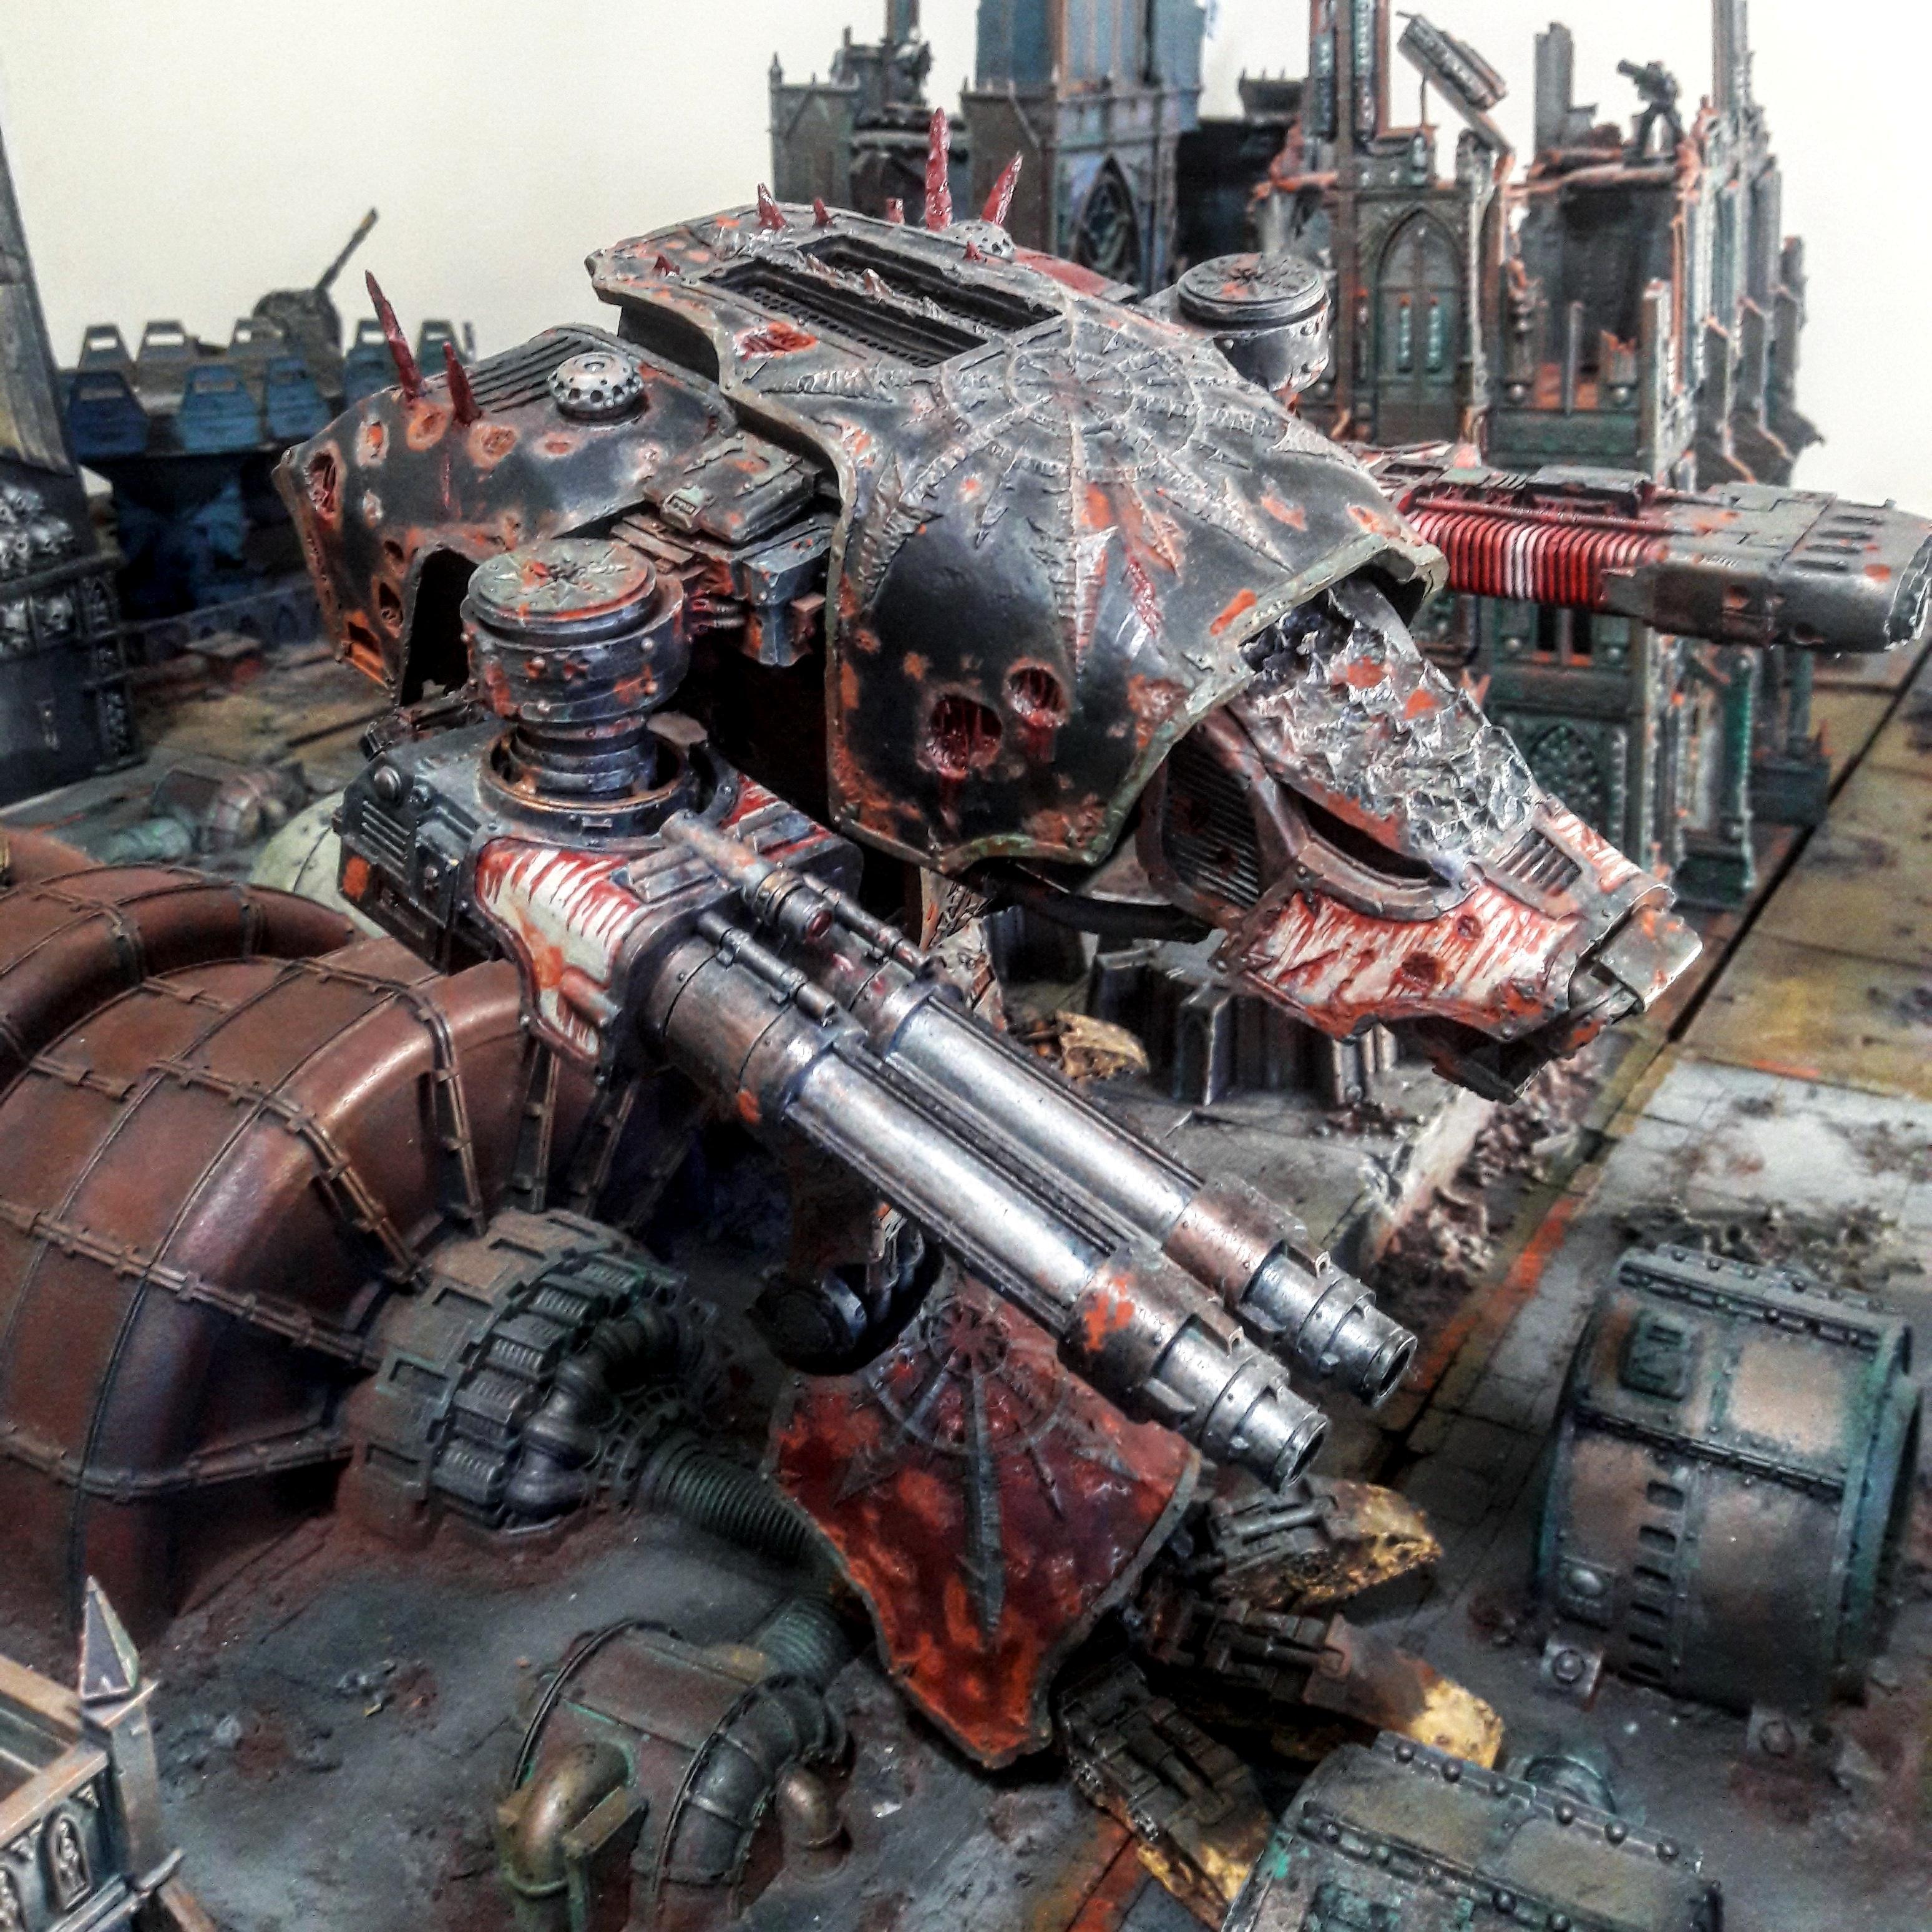 Chaos, Dark Mechanicus, Death Guard, Forge World, Legio Mortis, Traitoris Titanticus, Warhammer 40,000, Warhound